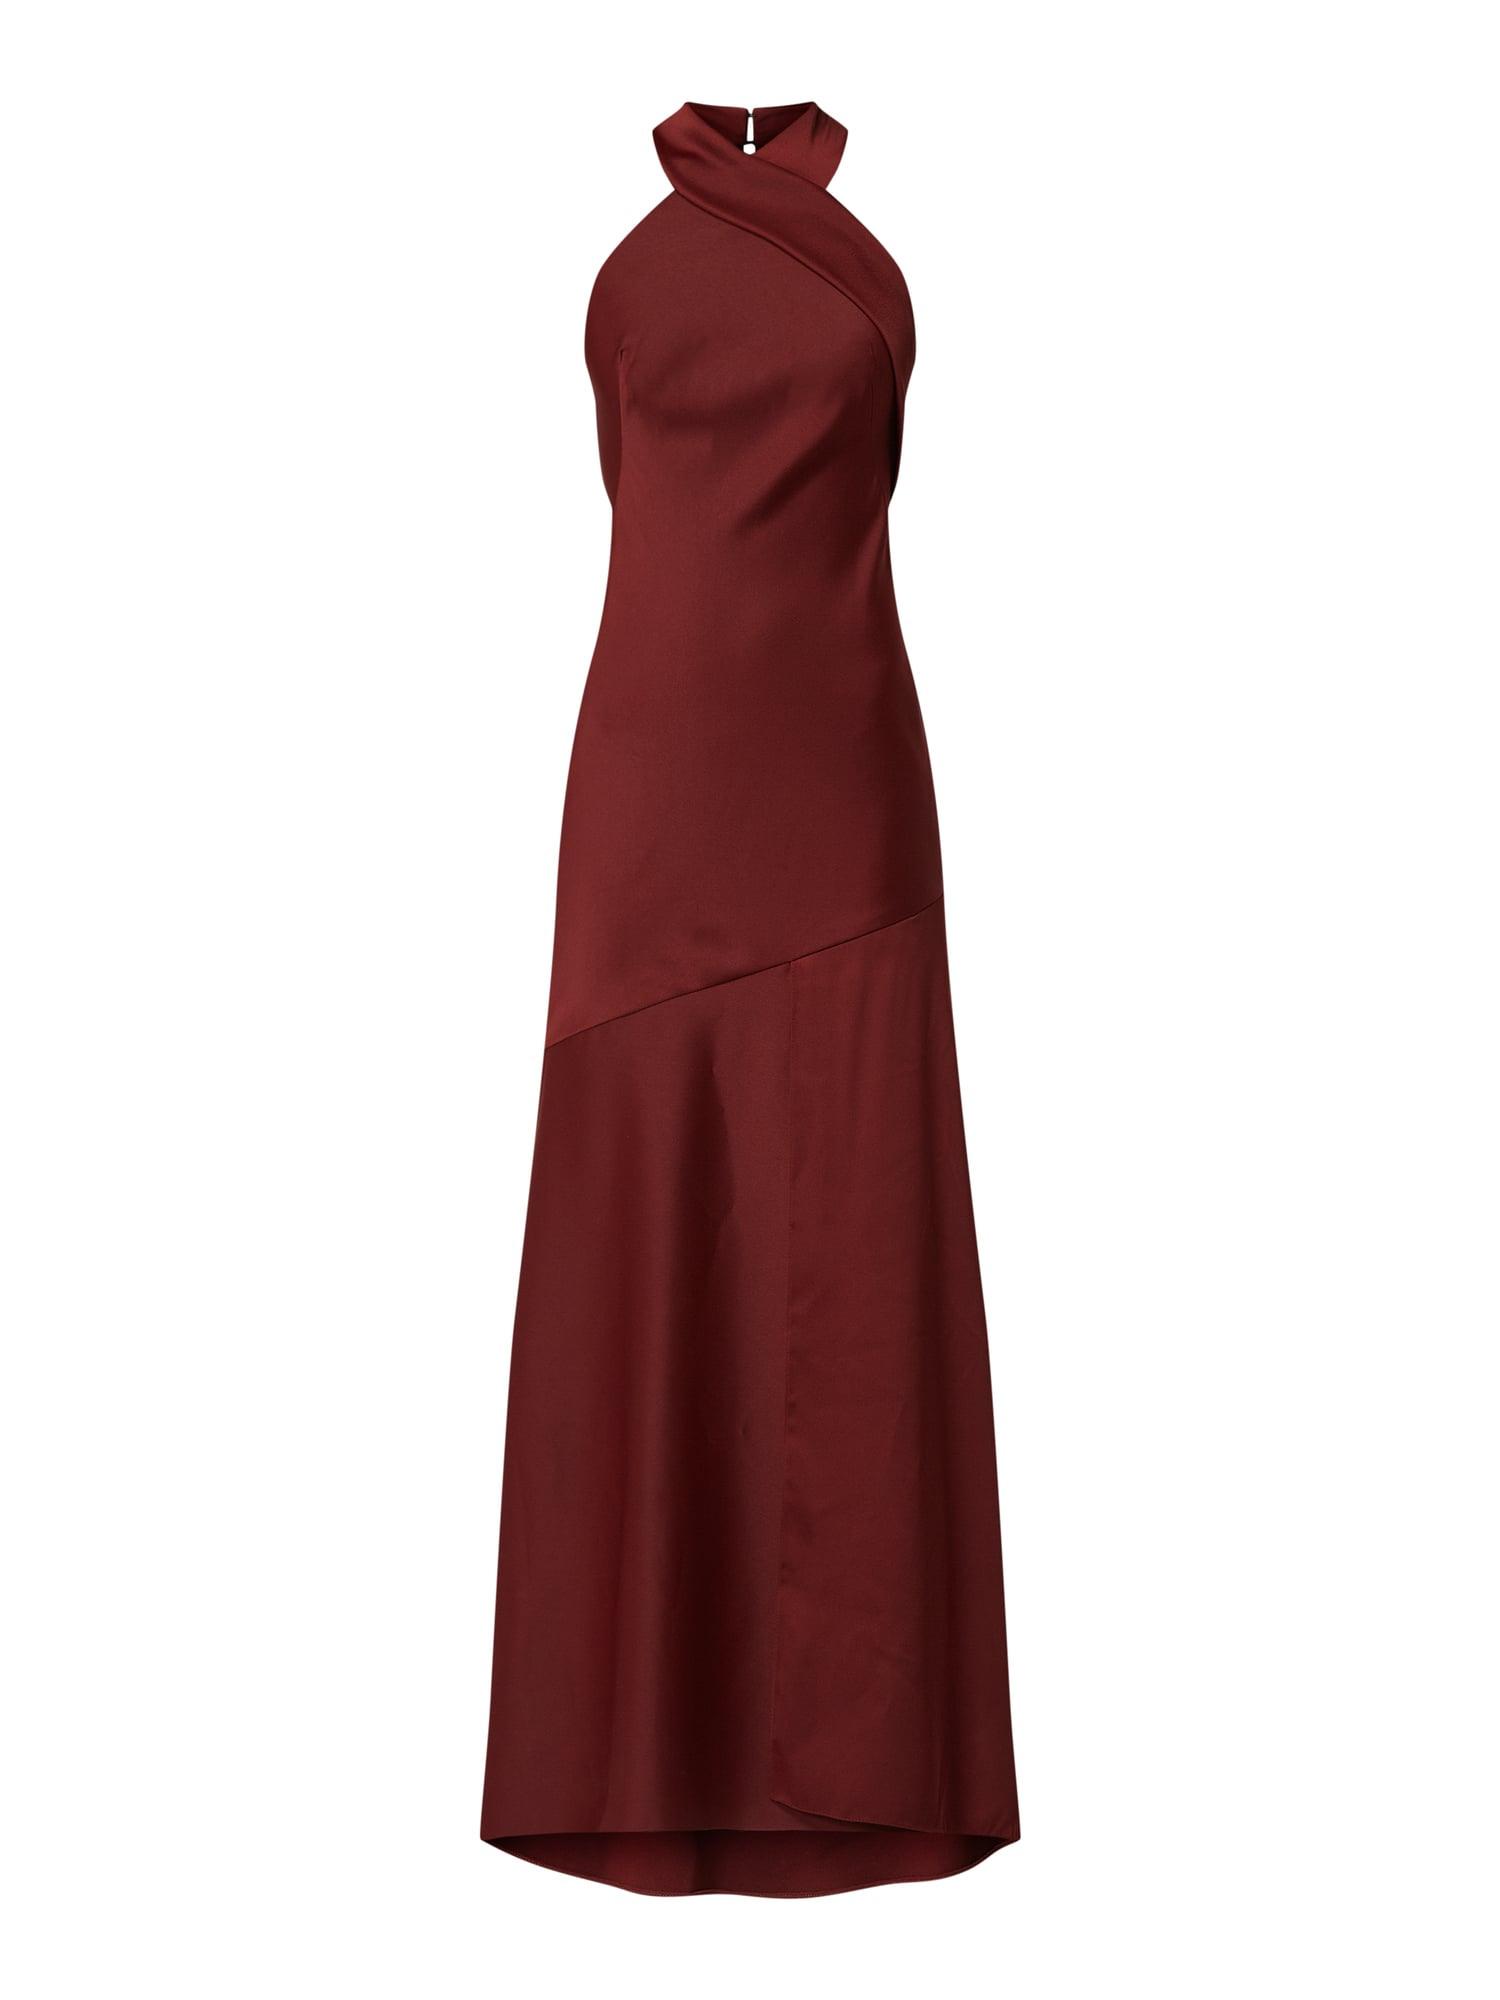 20 Einzigartig Coast Abendkleid Bester Preis13 Fantastisch Coast Abendkleid Stylish